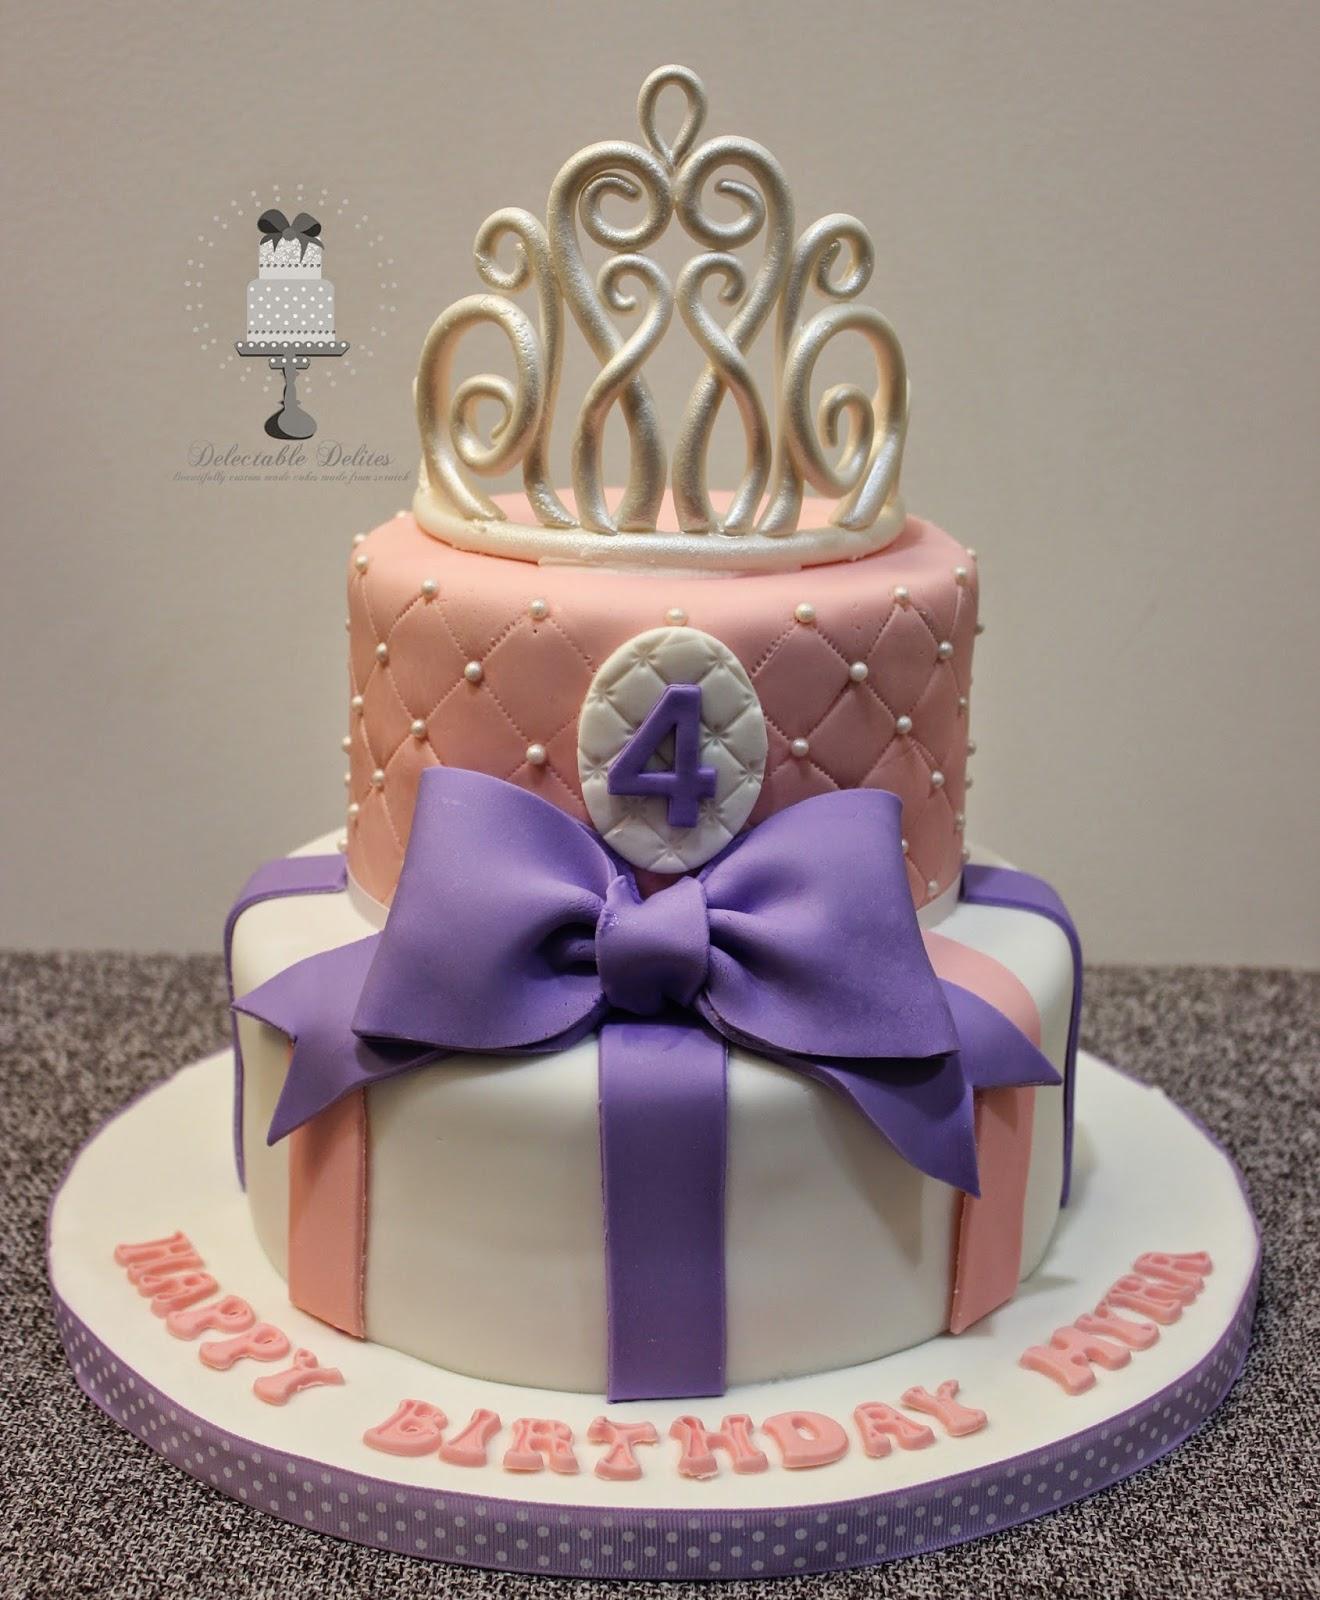 Delectable Delites Princess Tiara Cake For Myras 4th Birthday